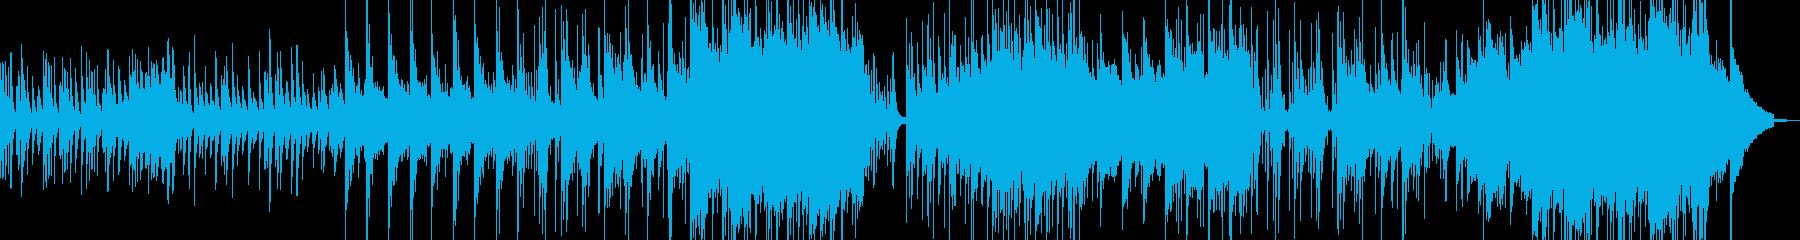 優し切ない心温まるスローポップ A2の再生済みの波形